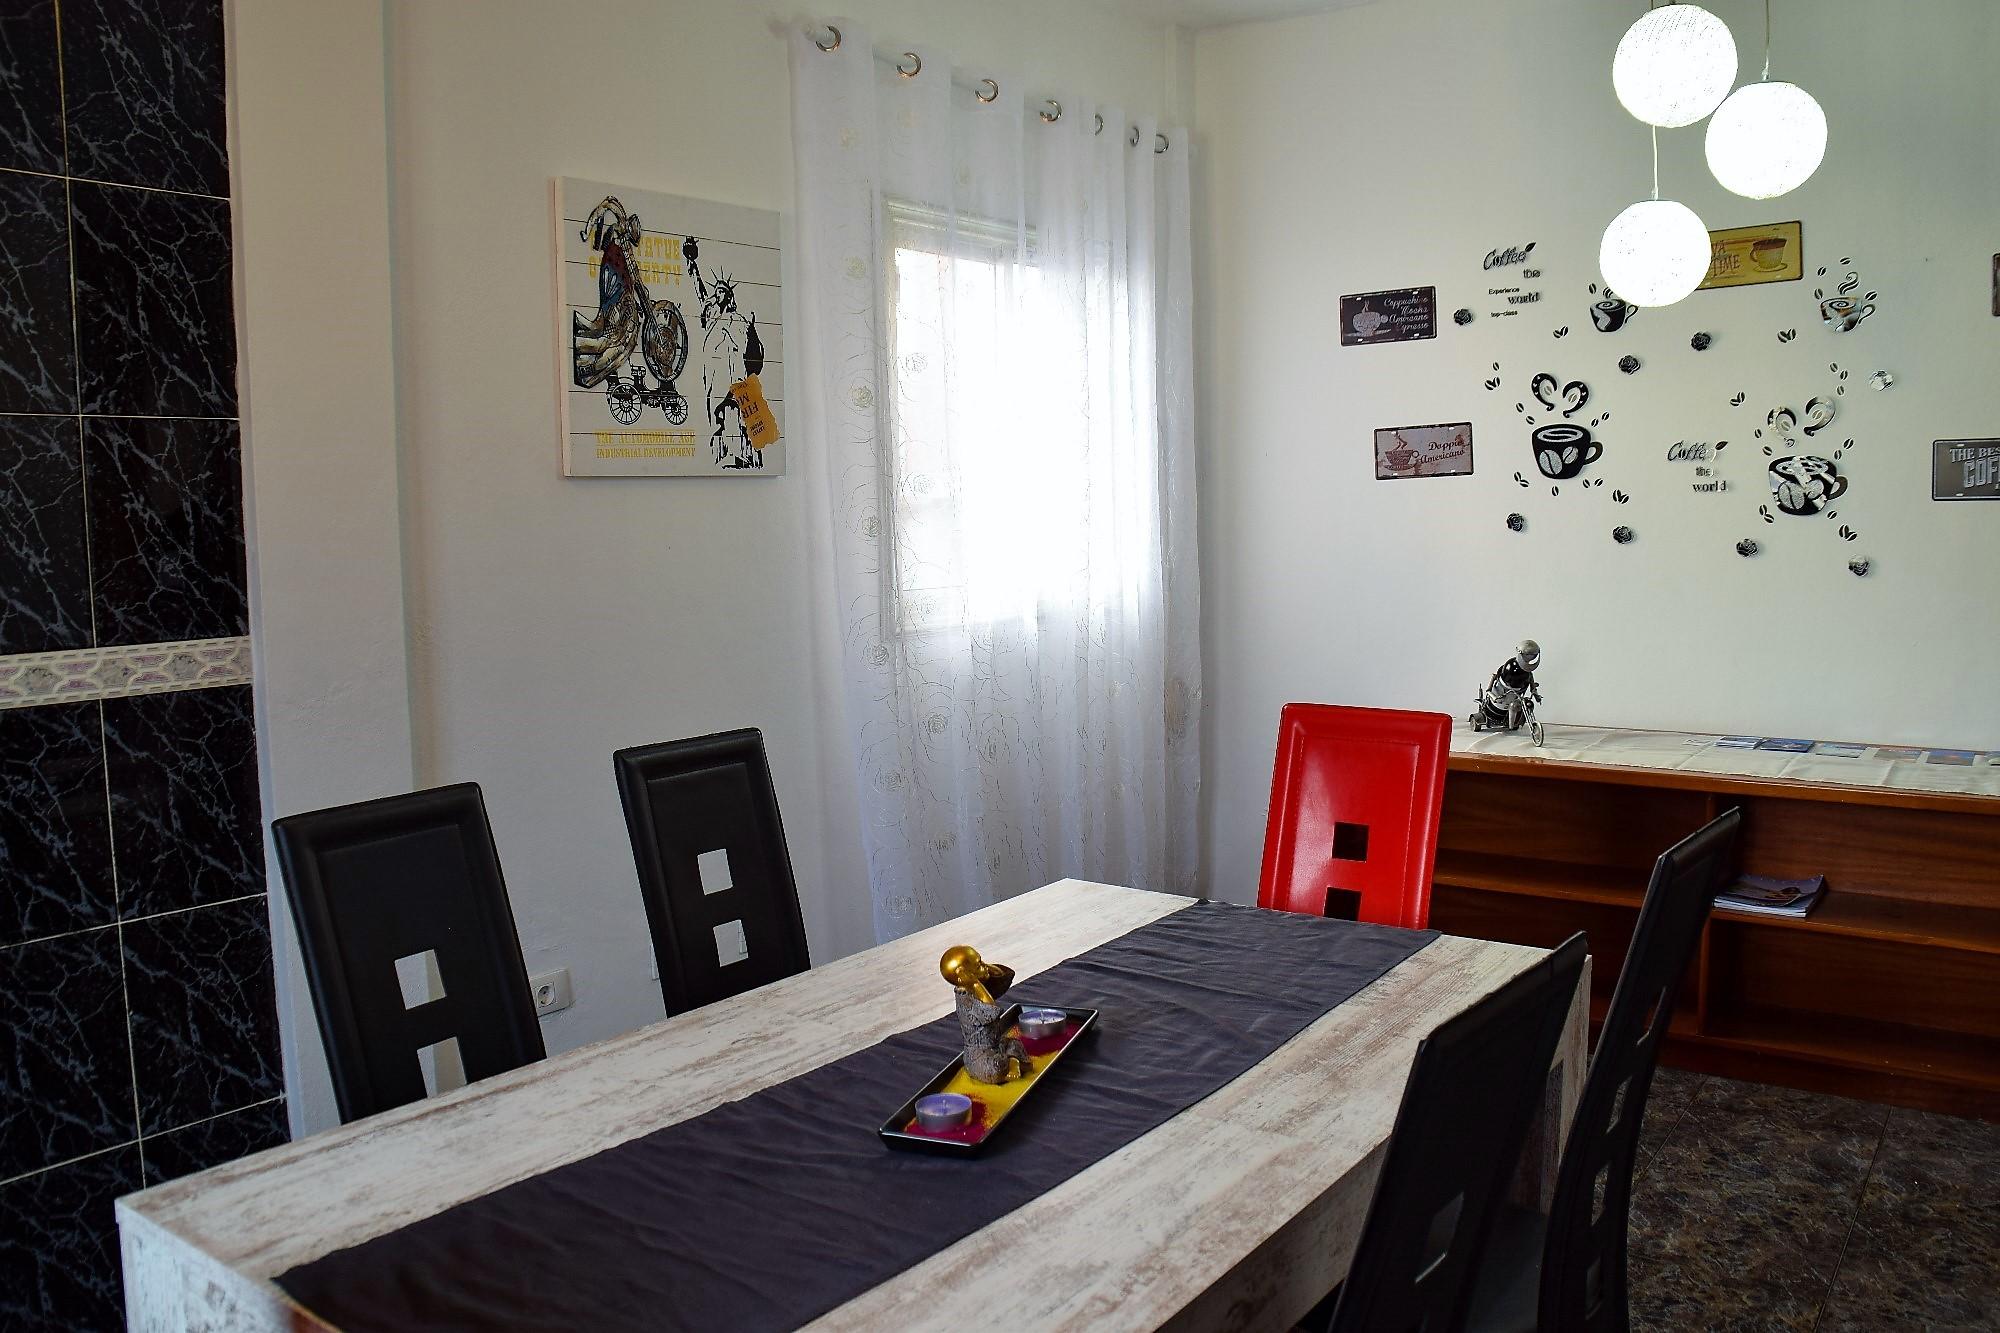 Ferienwohnung El Médano am Strand - La Caleta - Esstisch in der Küche